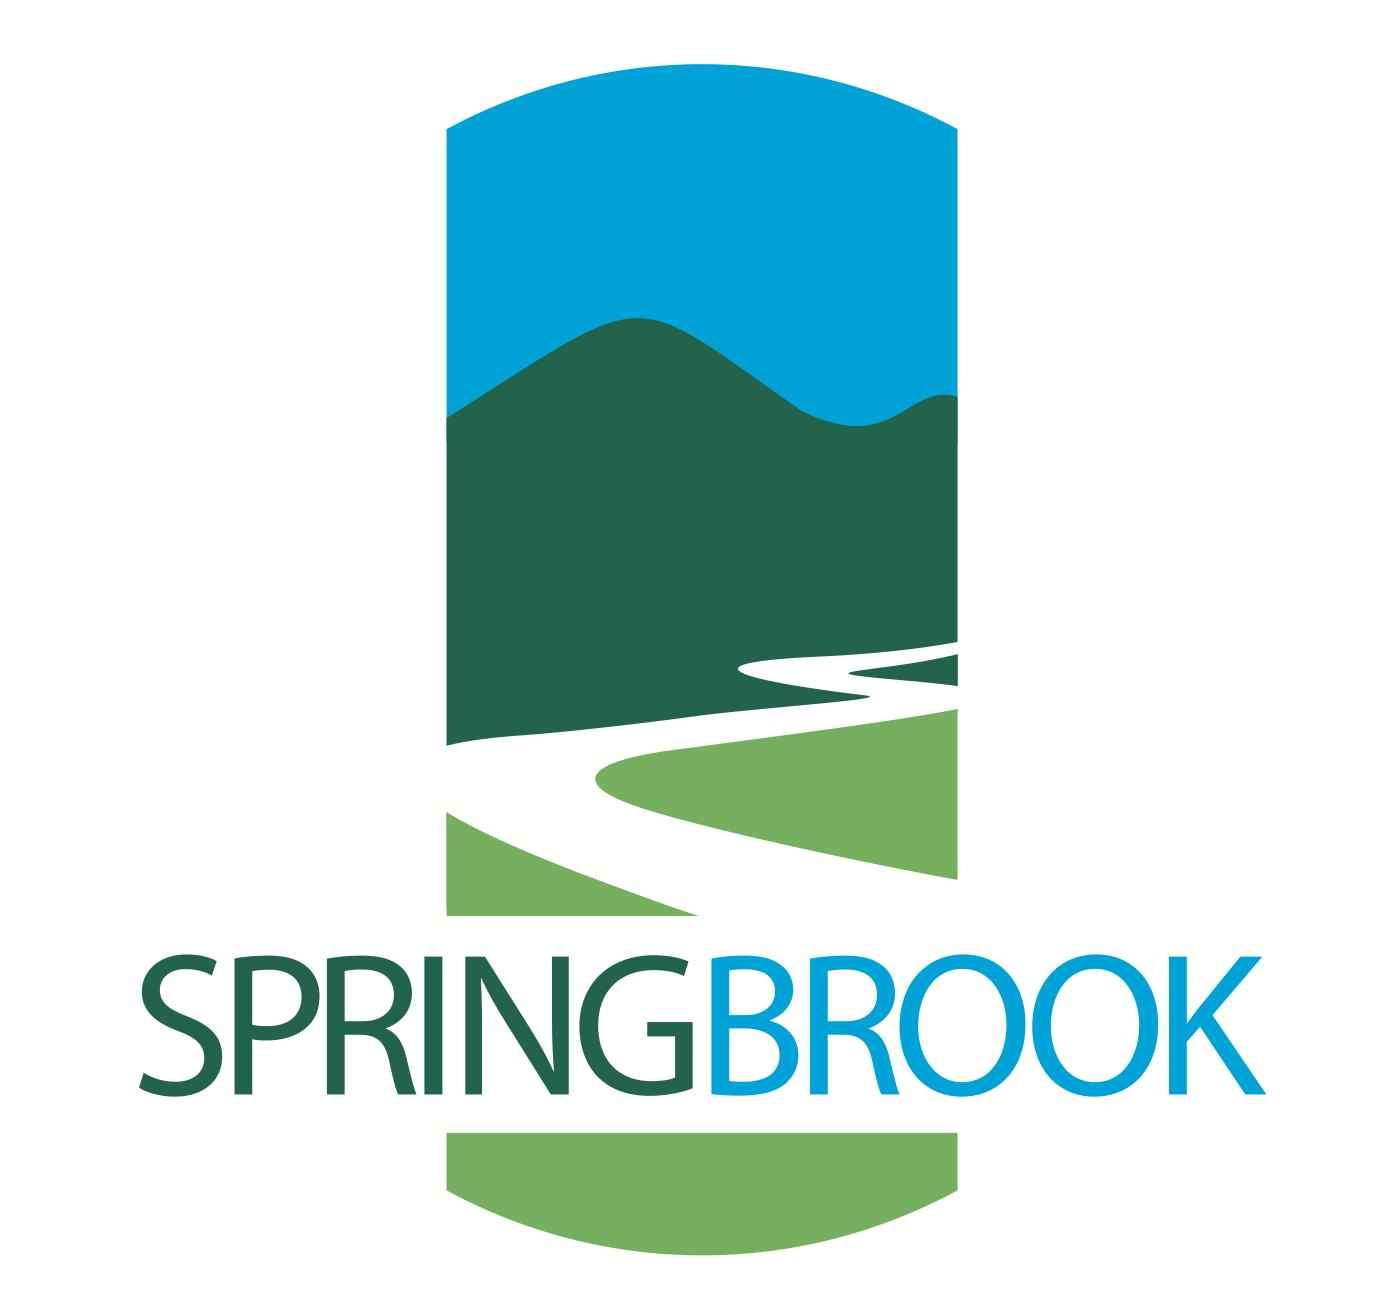 springbrook personals Parking is available along the spring brook trail at jeffris park (850 beloit avenue), lions park (1455 palmer drive), blackhawk meadows park (450 s lexington drive) and palmer park (2501 palmer drive.